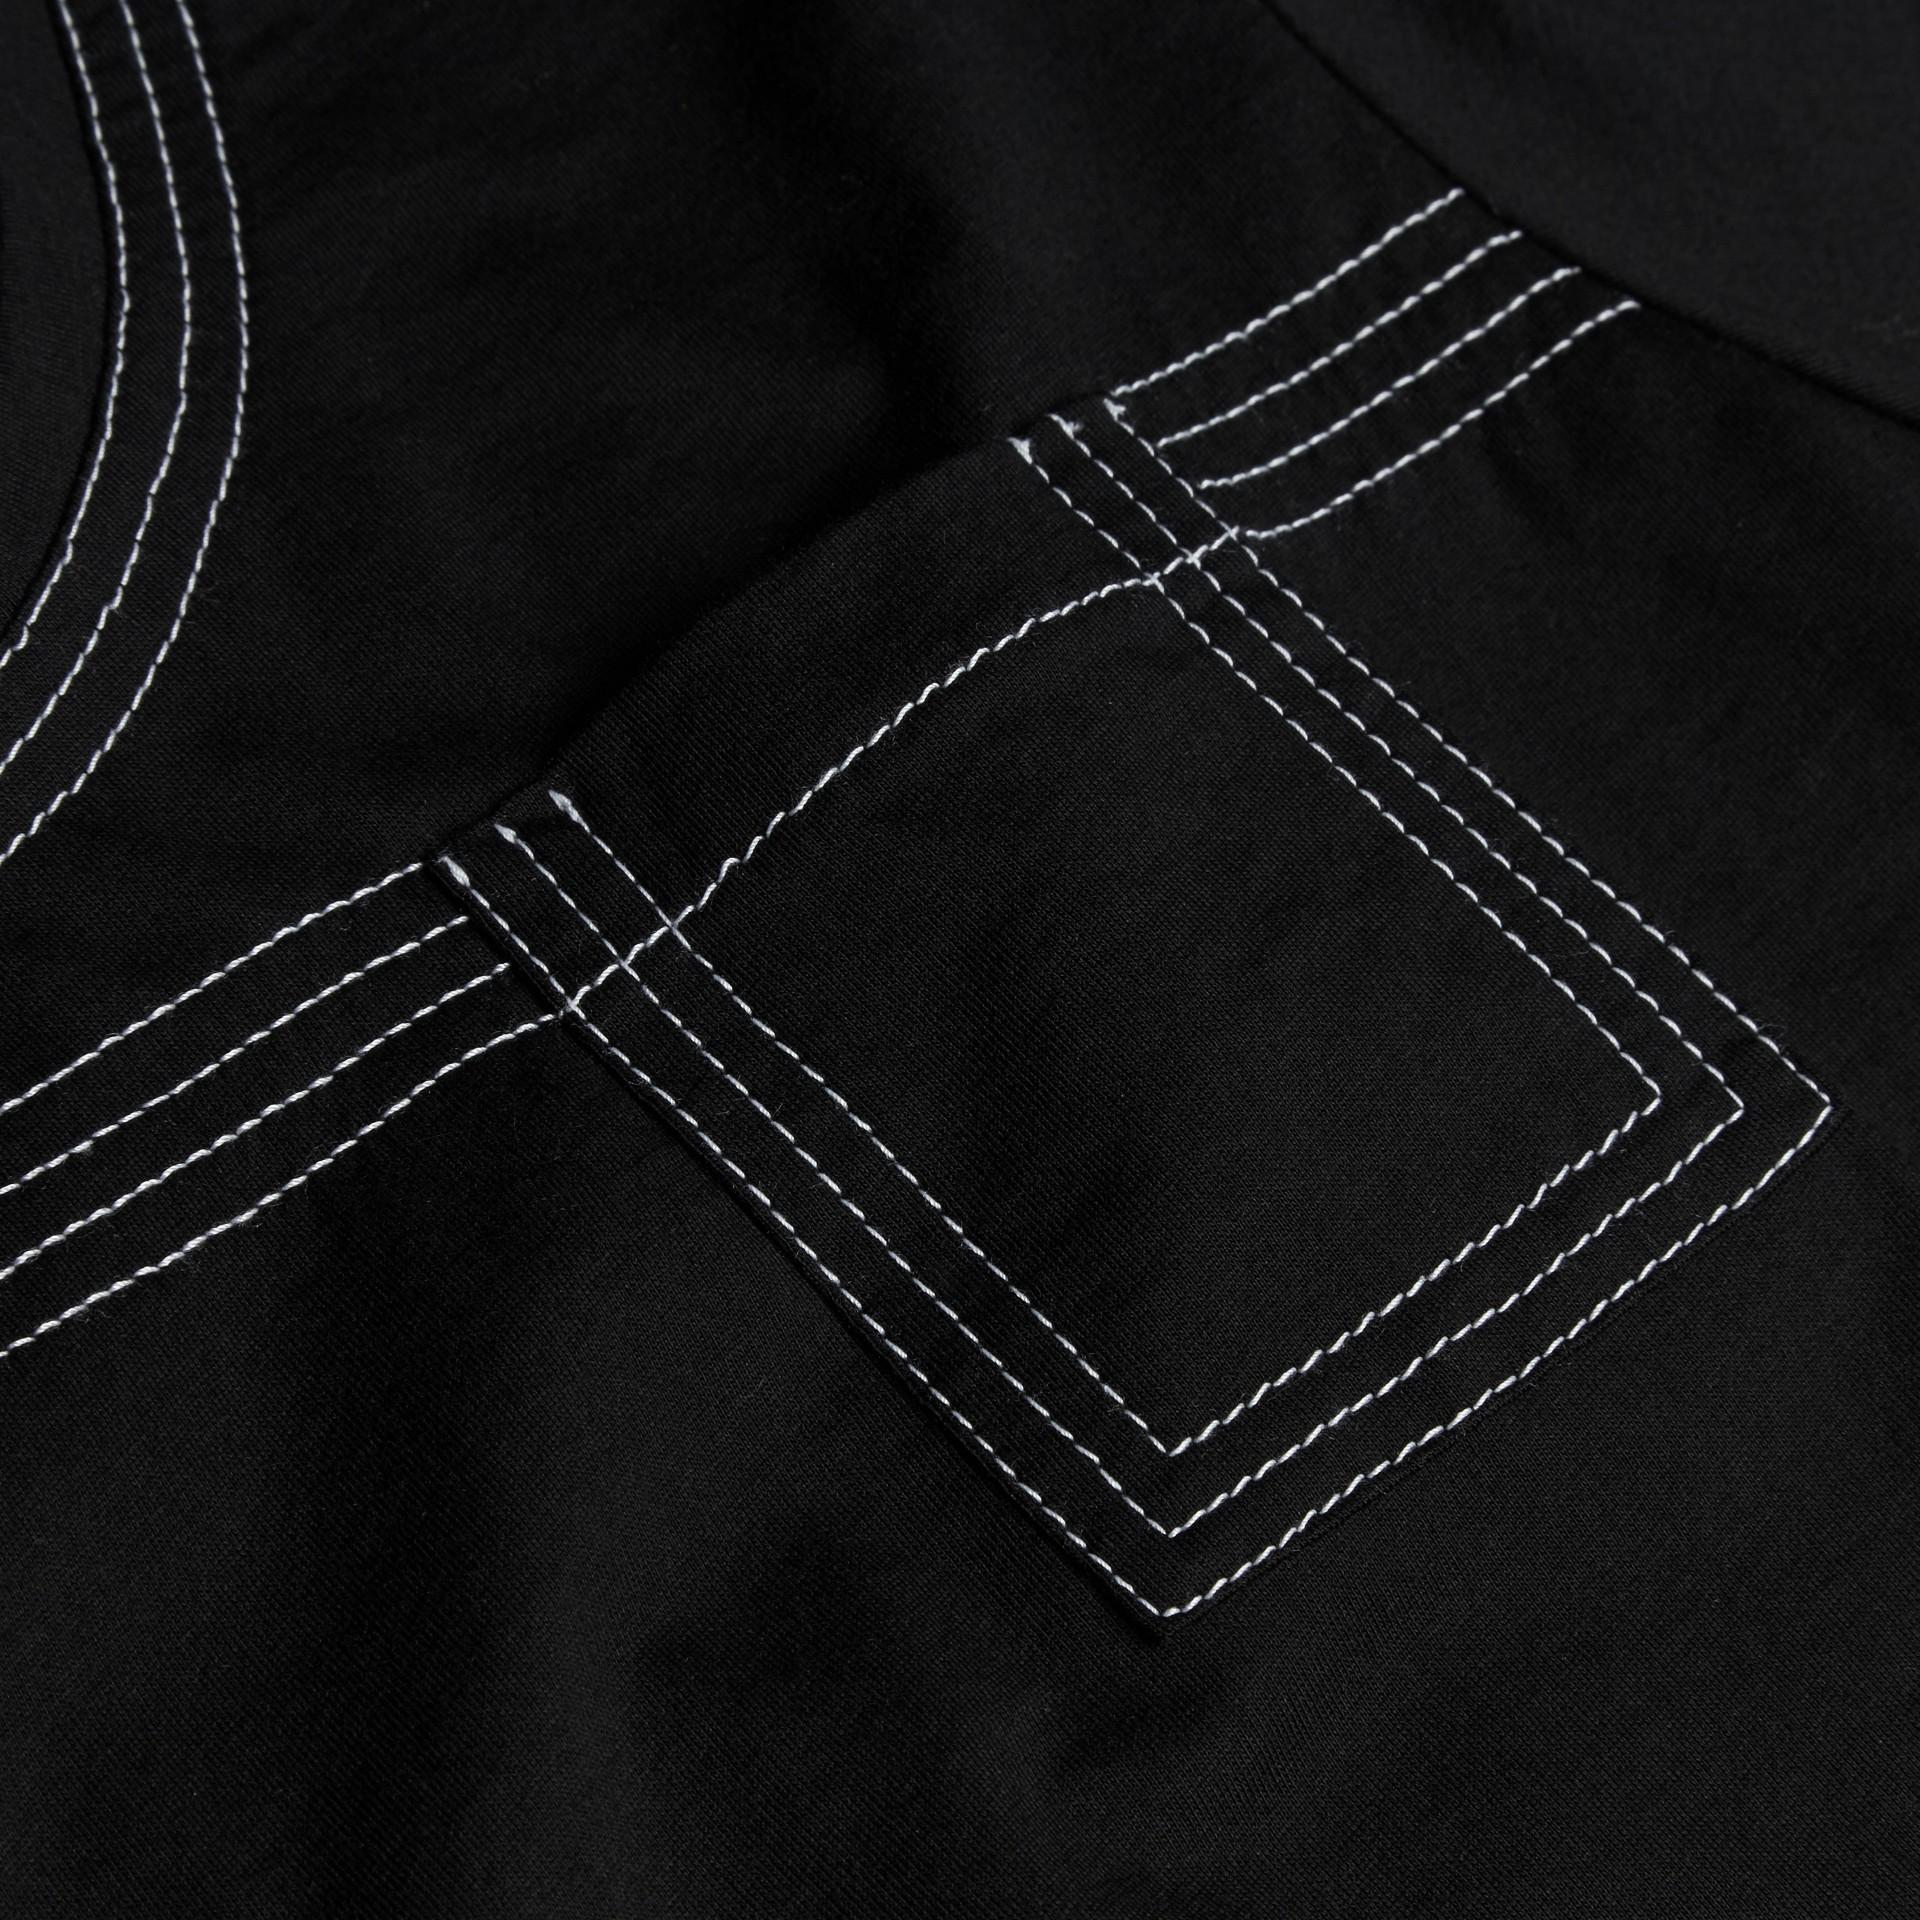 Nero T-shirt in cotone con impunture Nero - immagine della galleria 2